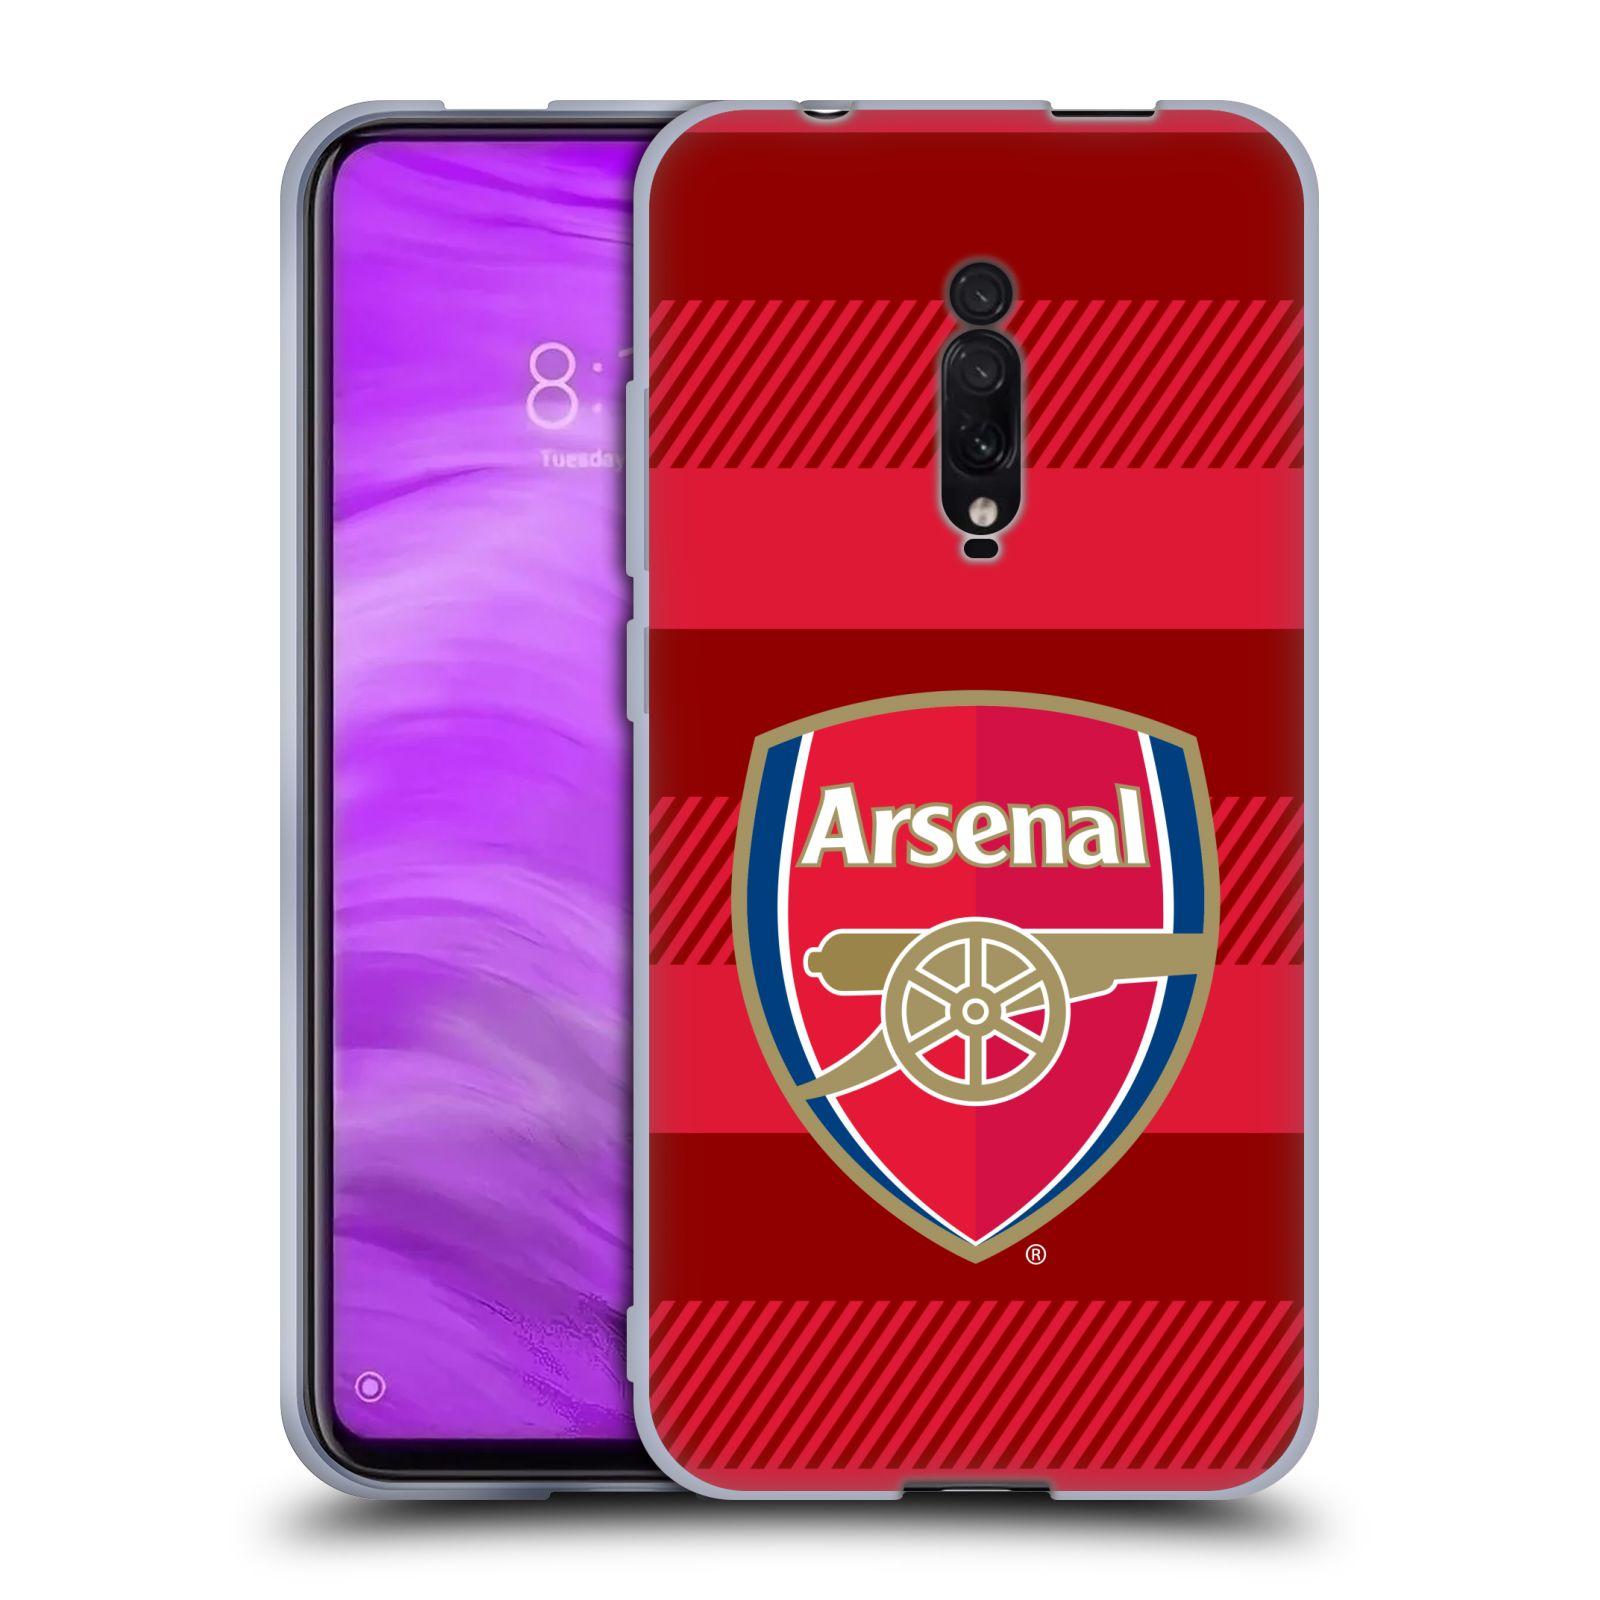 Silikonové pouzdro na mobil Xiaomi Mi 9T - Head Case - Arsenal FC - Logo s pruhy